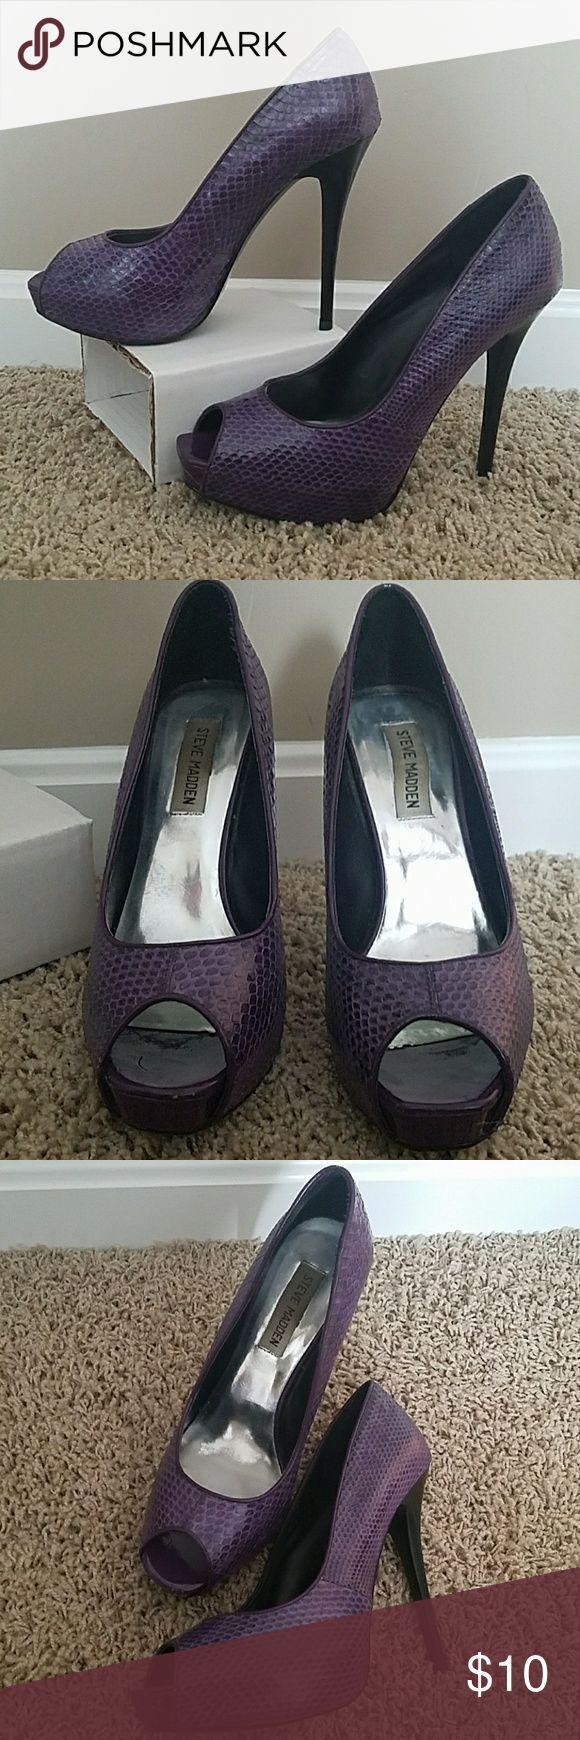 Steve Madden Karlitta Platform pumps Subtle snake print heels. Purple with black heel. Slight wear, good shape. Steve Madden Shoes Heels